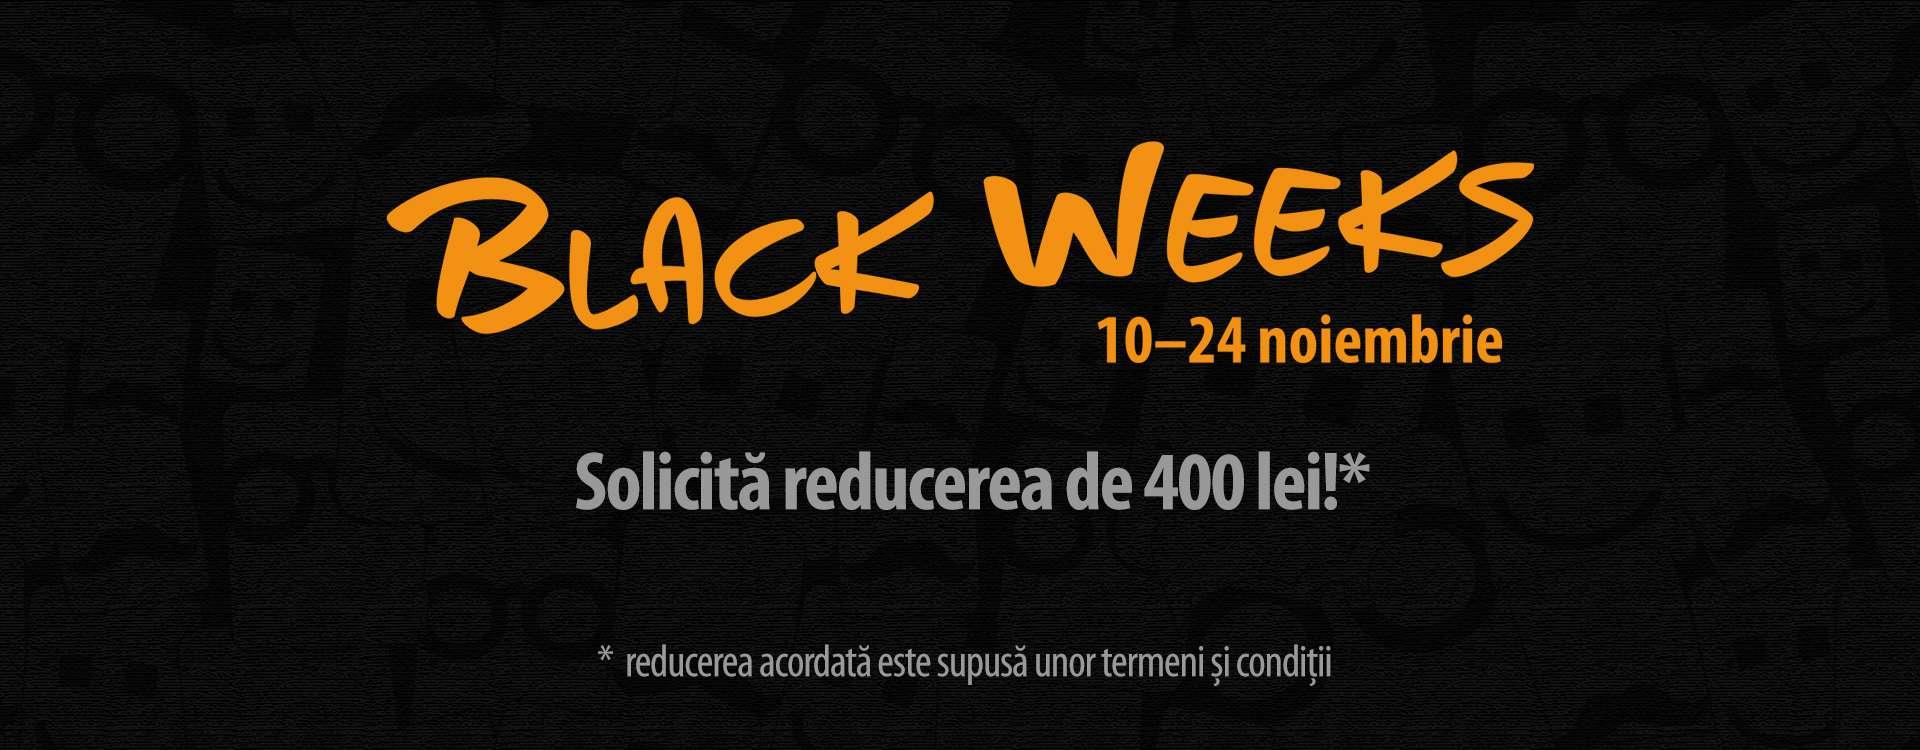 Black-Weeks